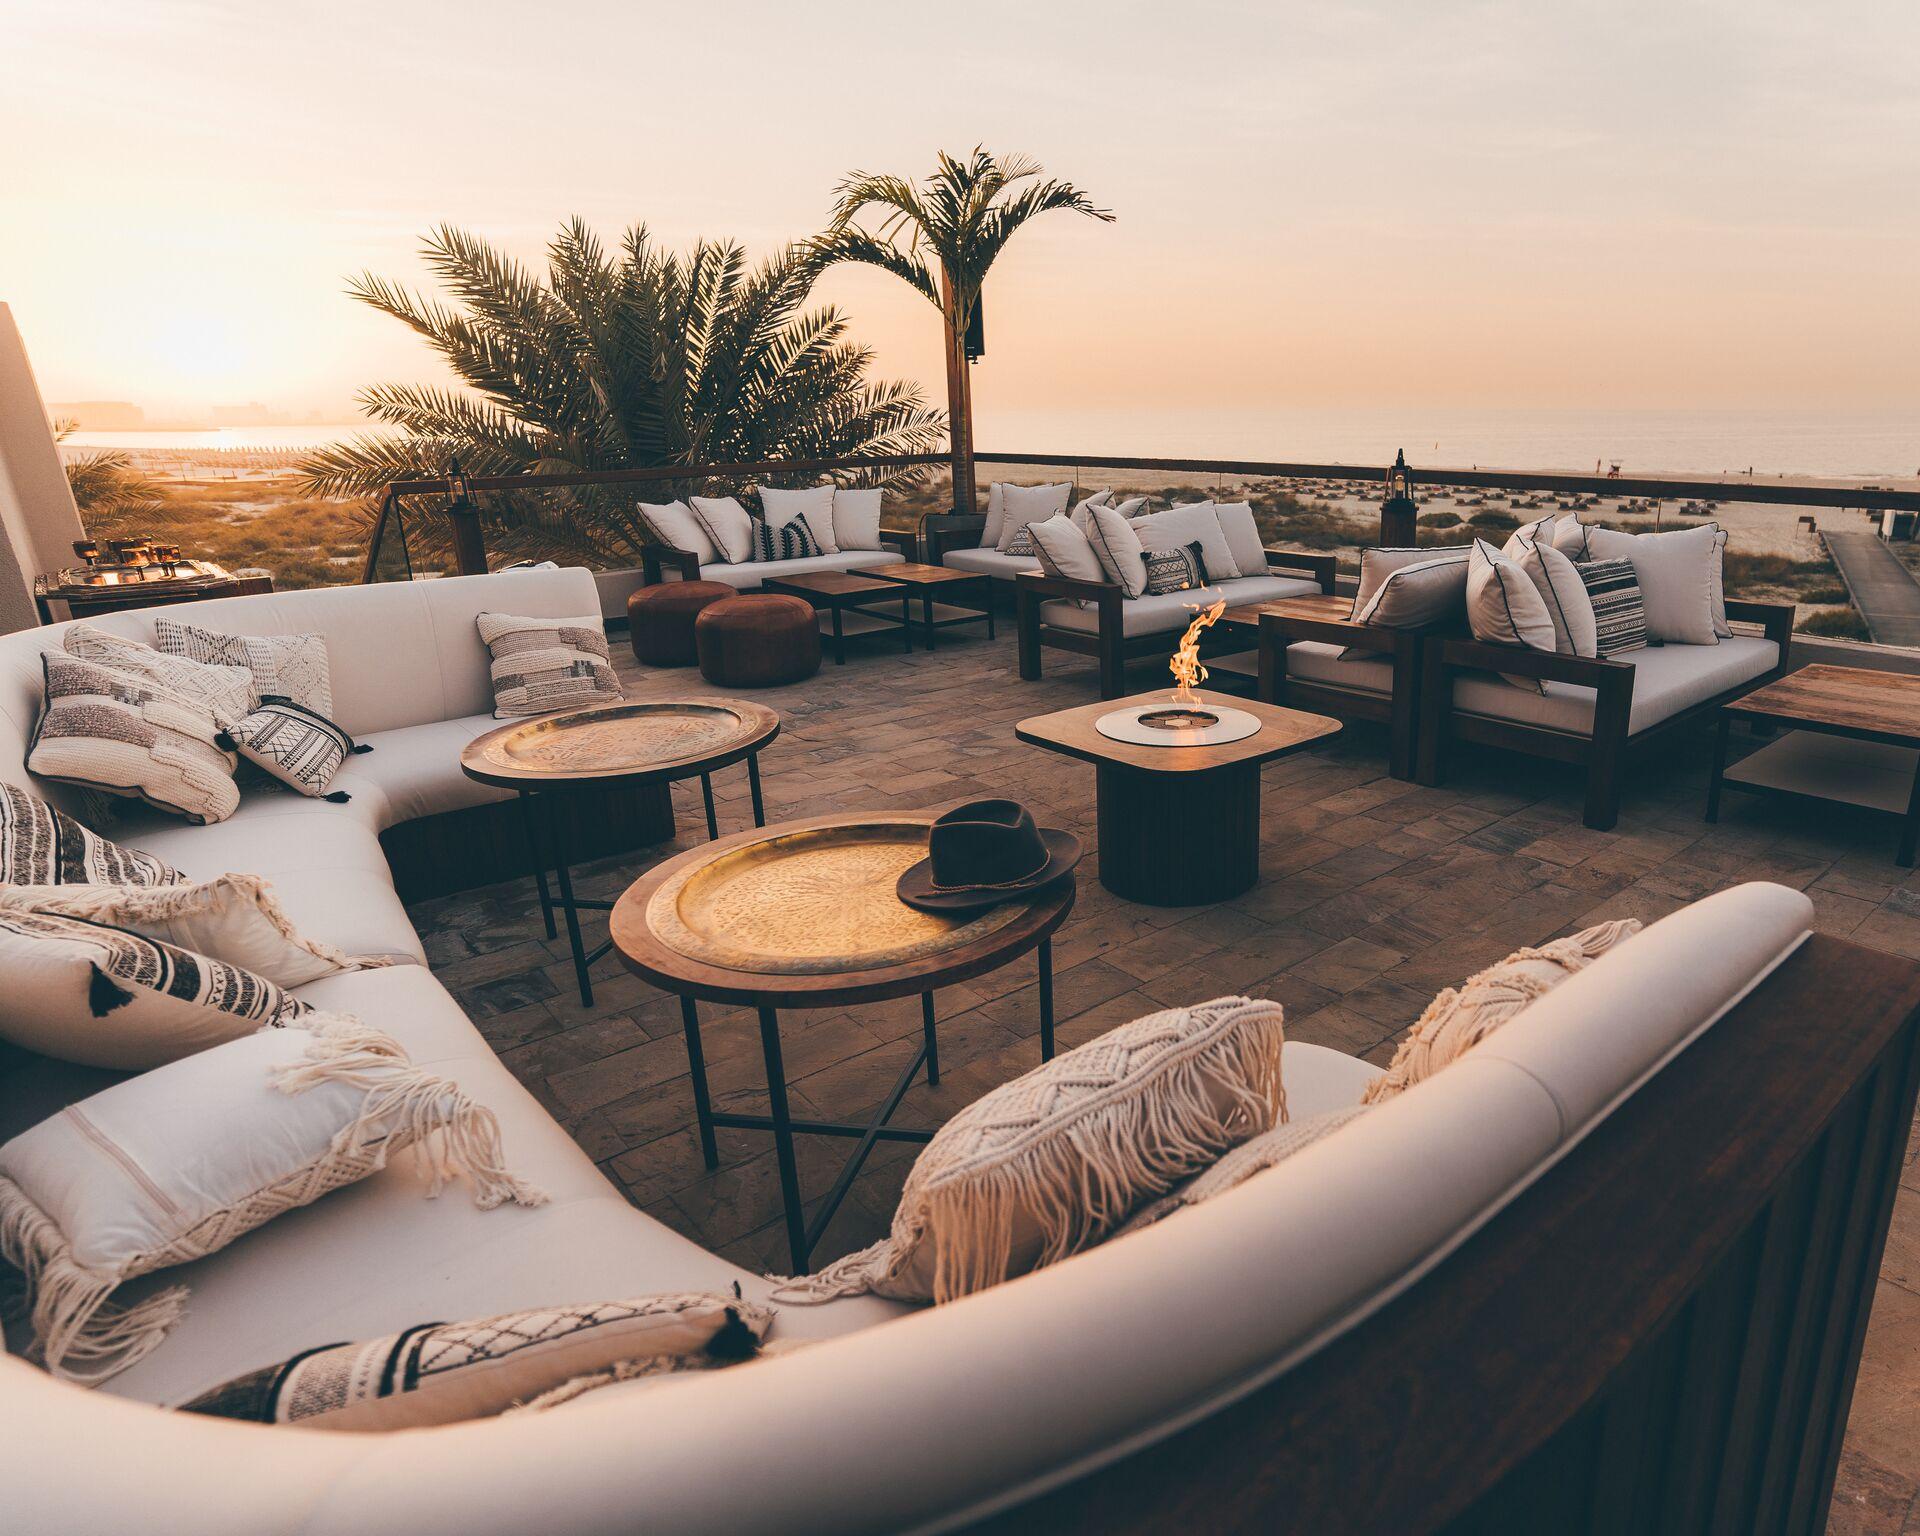 لاونج شاطئي بوهيمي الطراز في أبوظبي